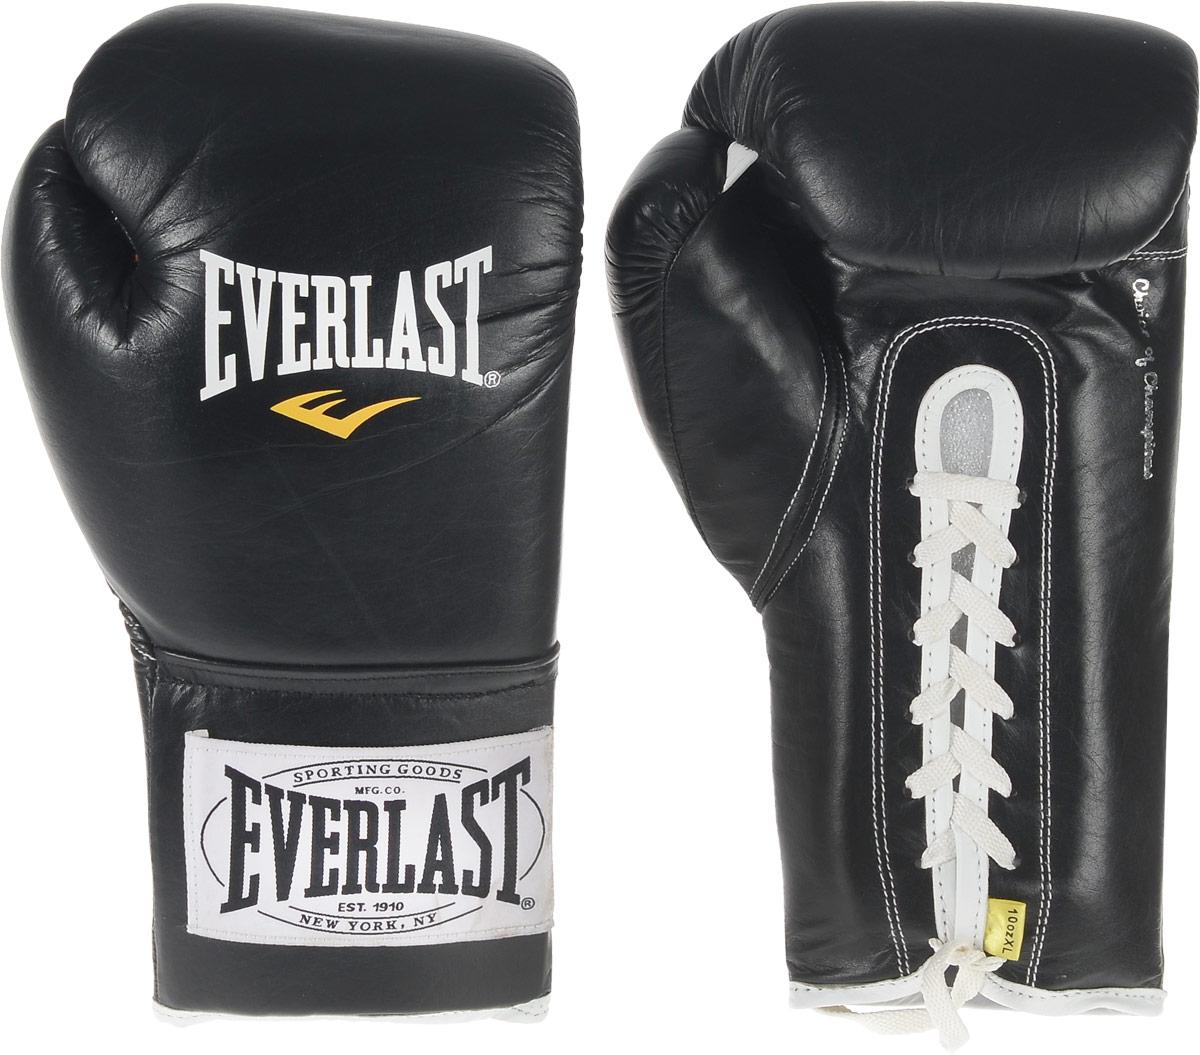 Перчатки боевые Everlast 1910 Fight, цвет: черный, белый. Вес 10 унций. 291001PG-2045Классическая модель перчаток Everlast 1910 Fight создана специально для поединков на профессиональном ринге с учетом всех регламентов и требований, предъявляемых к такой экипировке. Выполнены из натуральной кожи. Набивка из многослойного пенного наполнителя обеспечивает достаточно высокий уровень защиты рук спортсмена и снижает жесткость перчаток. Удобное положение руки в перчатке не требует усилий для сжатия кулака, что позволит вам наносить более жесткие удары при меньших энергозатратах. Данные перчатки прошли сертификацию и получили одобрение к использованию от всех американских и Международных боксерских организаций и федераций включая WBC, IBO, WBA, WBO и IBF.